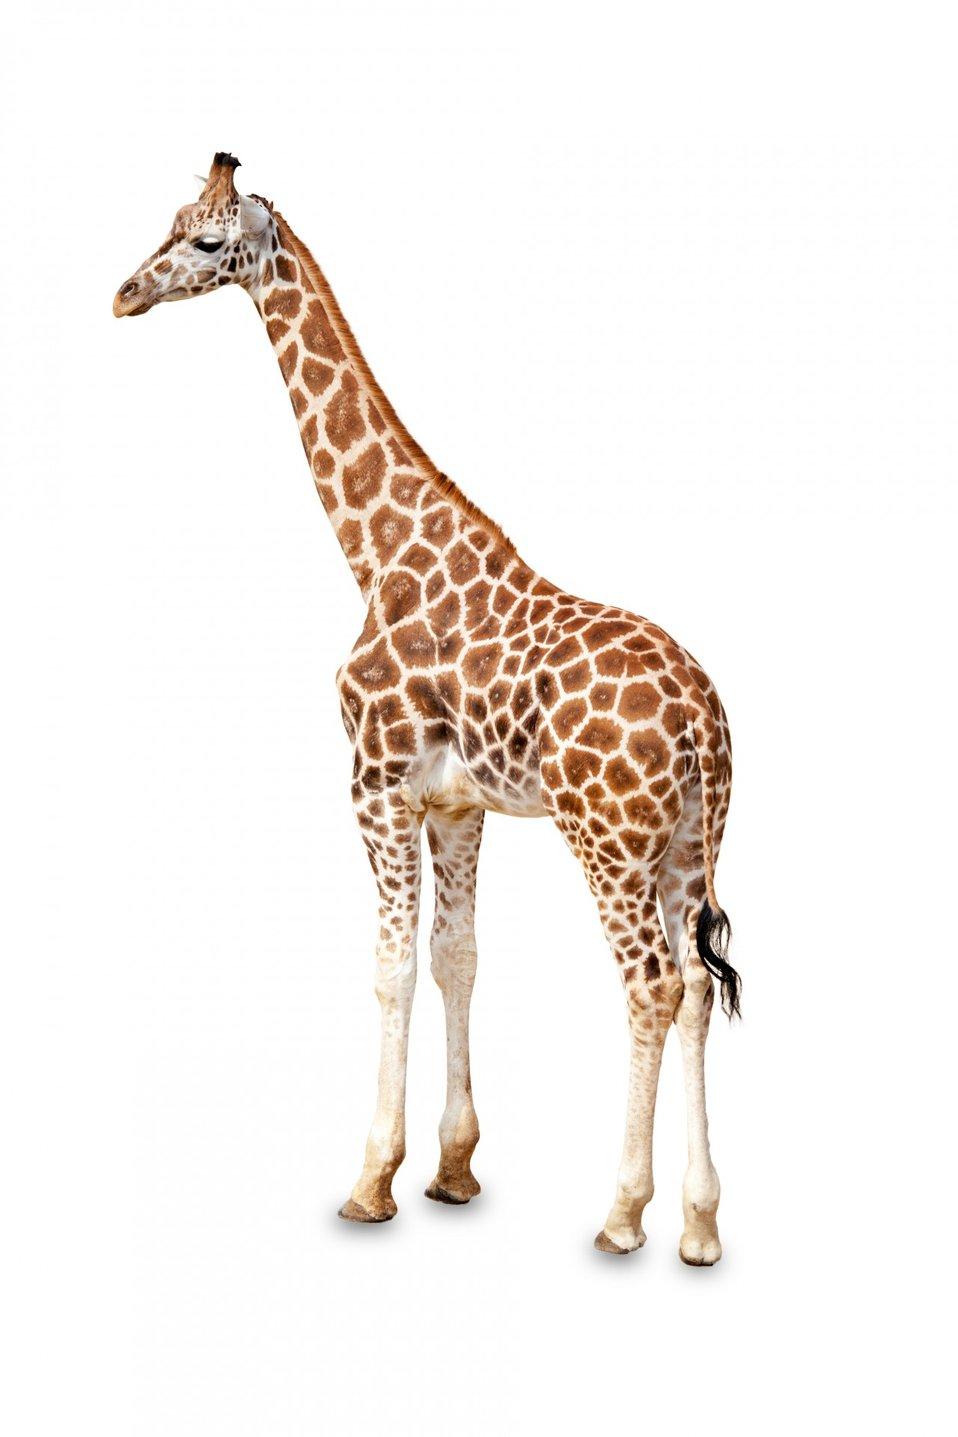 Giraffe standing isolated